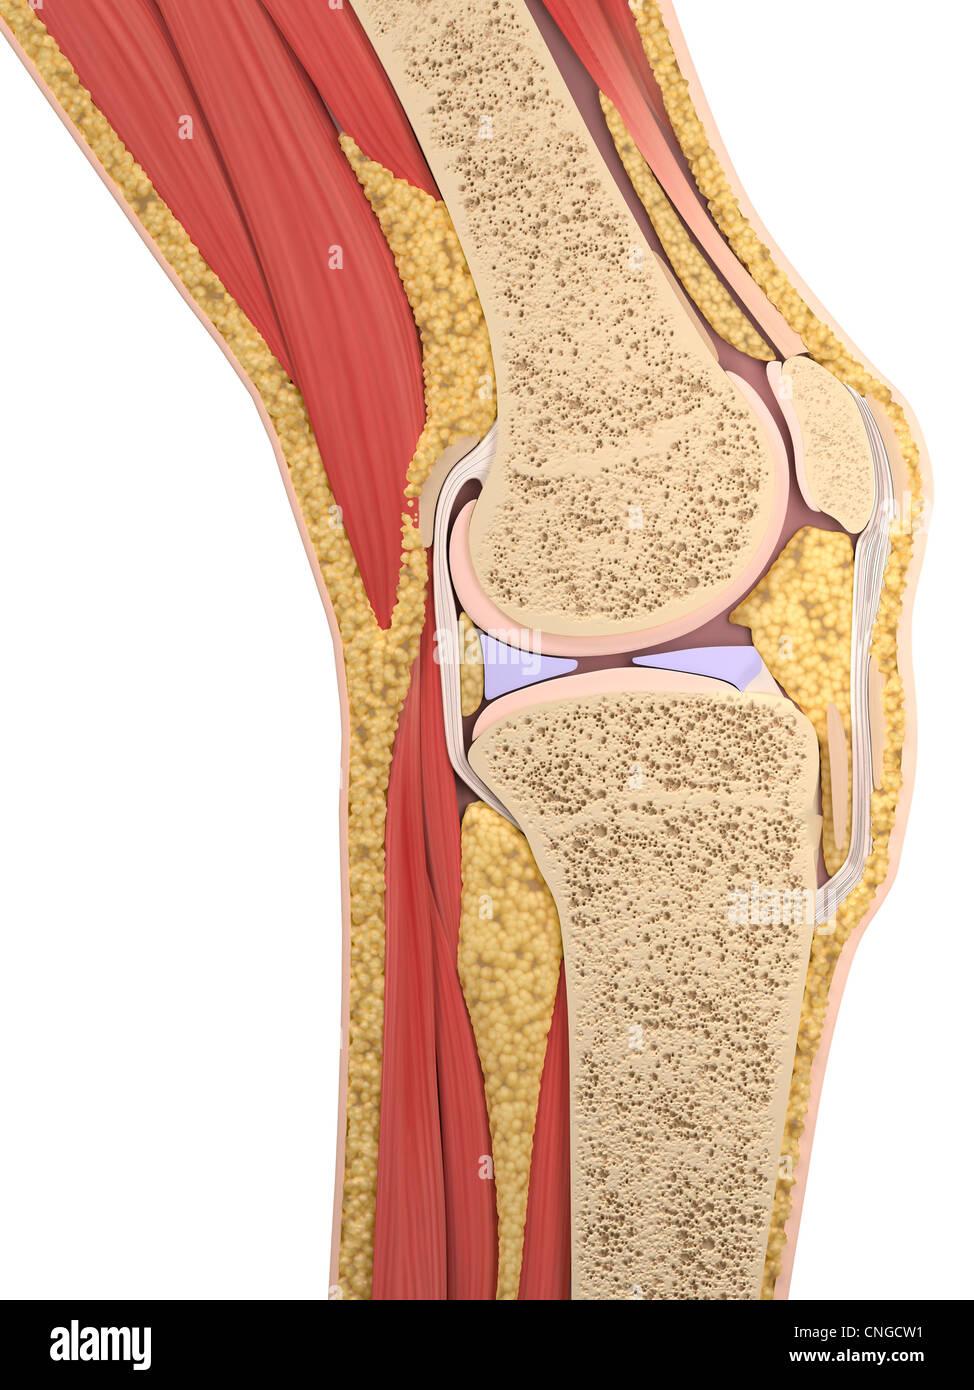 Knie-Anatomie-Kunstwerk Stockfoto, Bild: 47689853 - Alamy